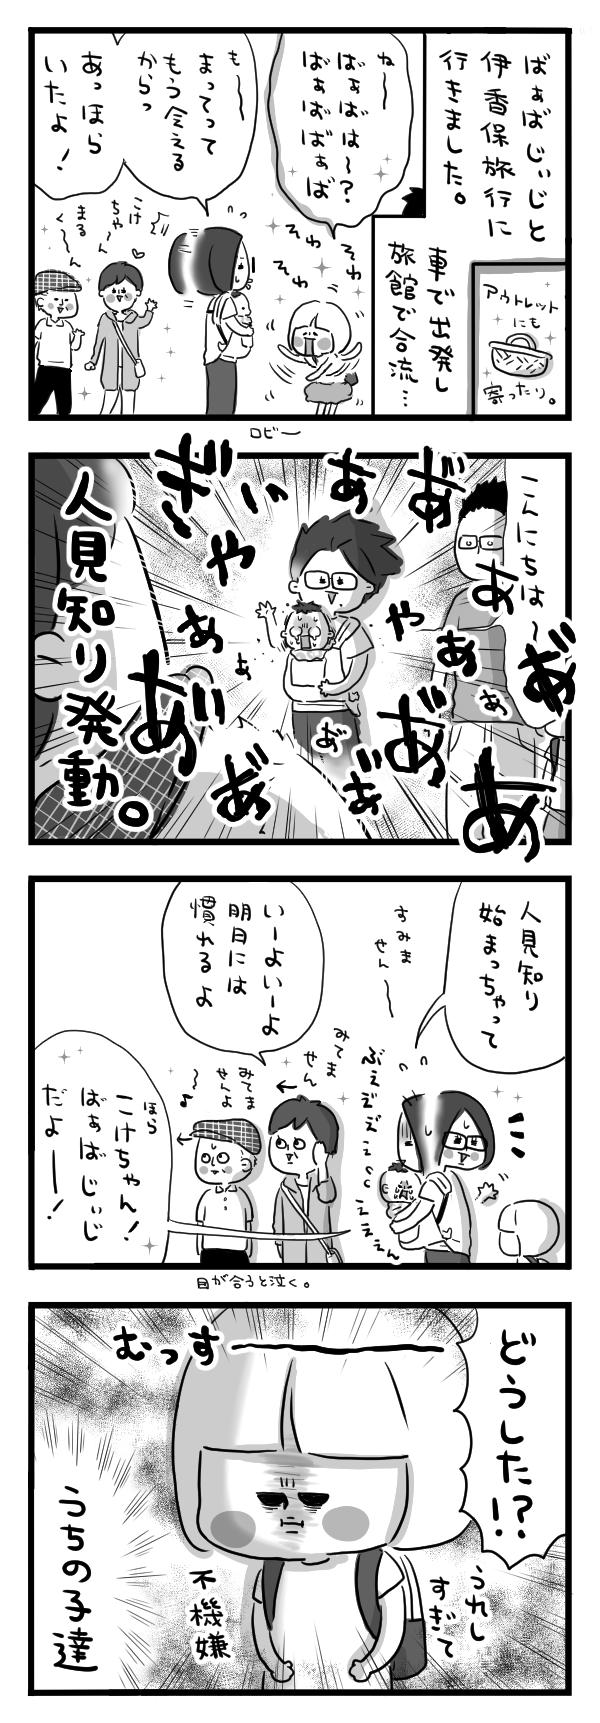 191 ばぁばじぃじと伊香保旅行。1png